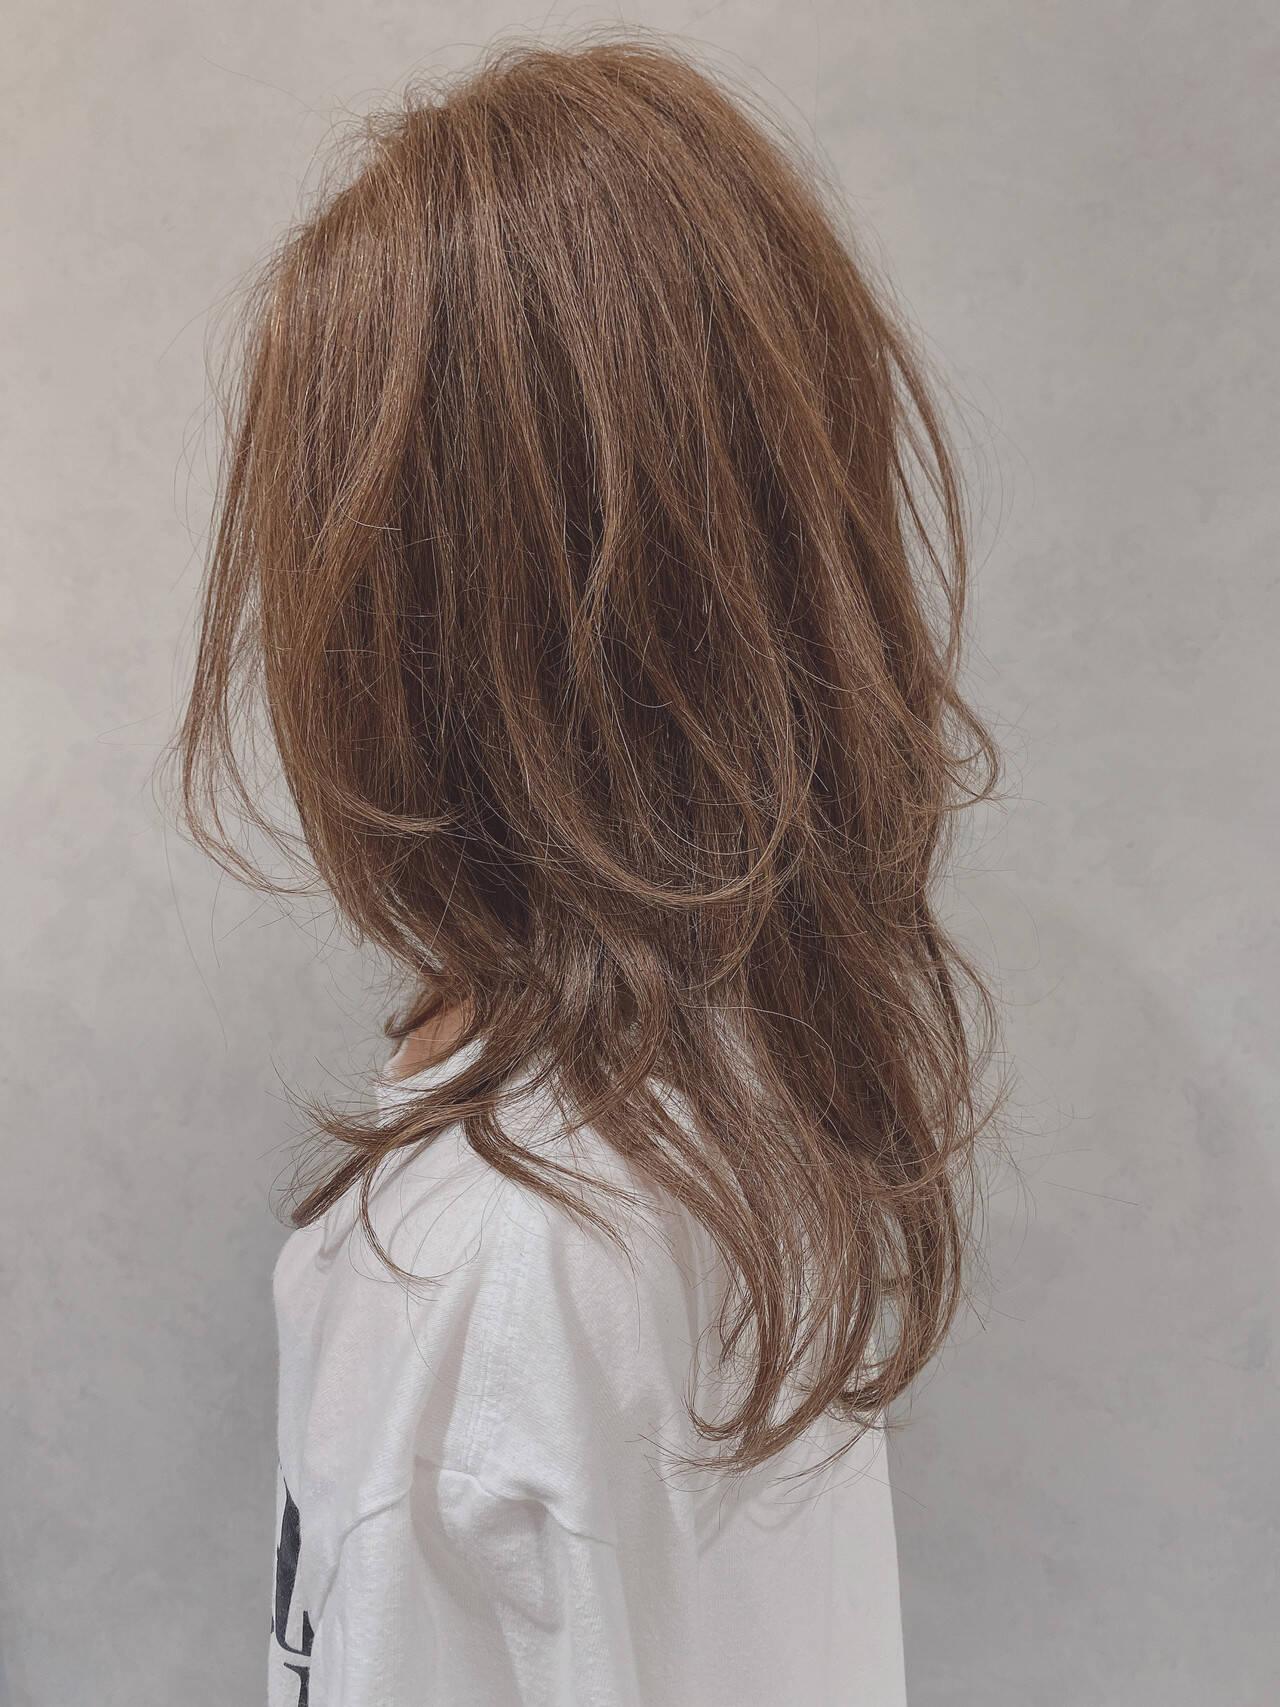 ベージュ ロング ウルフレイヤー カジュアルヘアスタイルや髪型の写真・画像